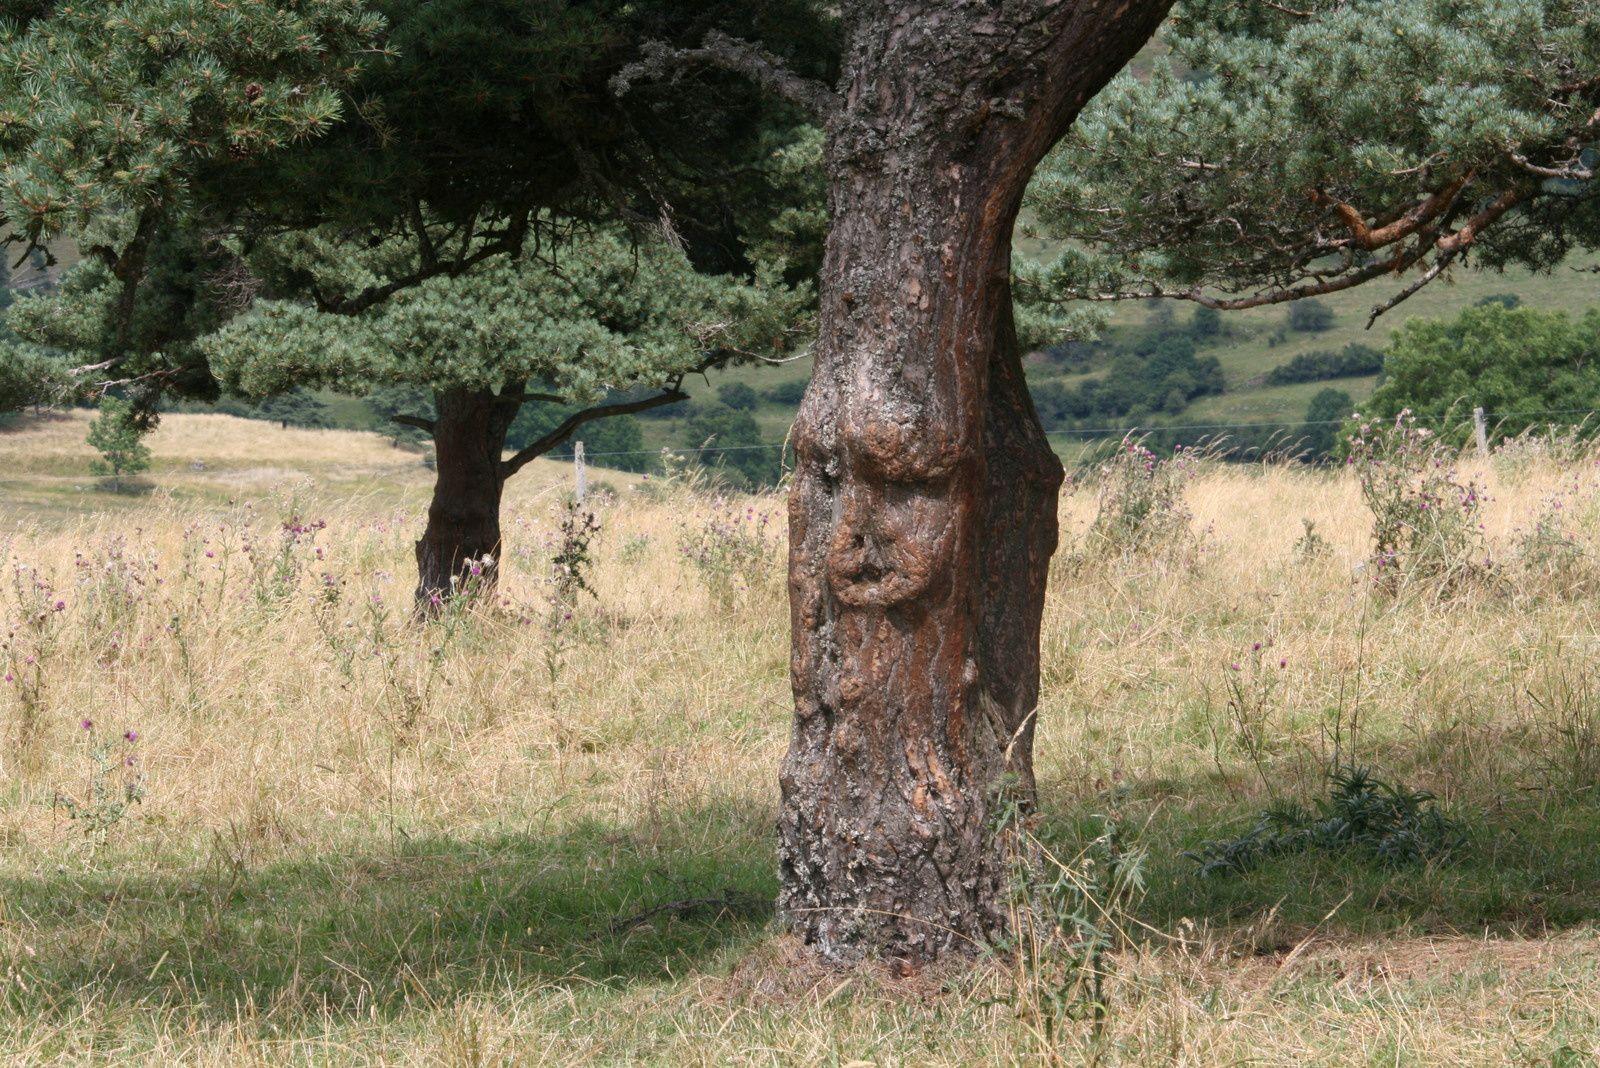 visage inscrit dans l'écorce d'un arbre